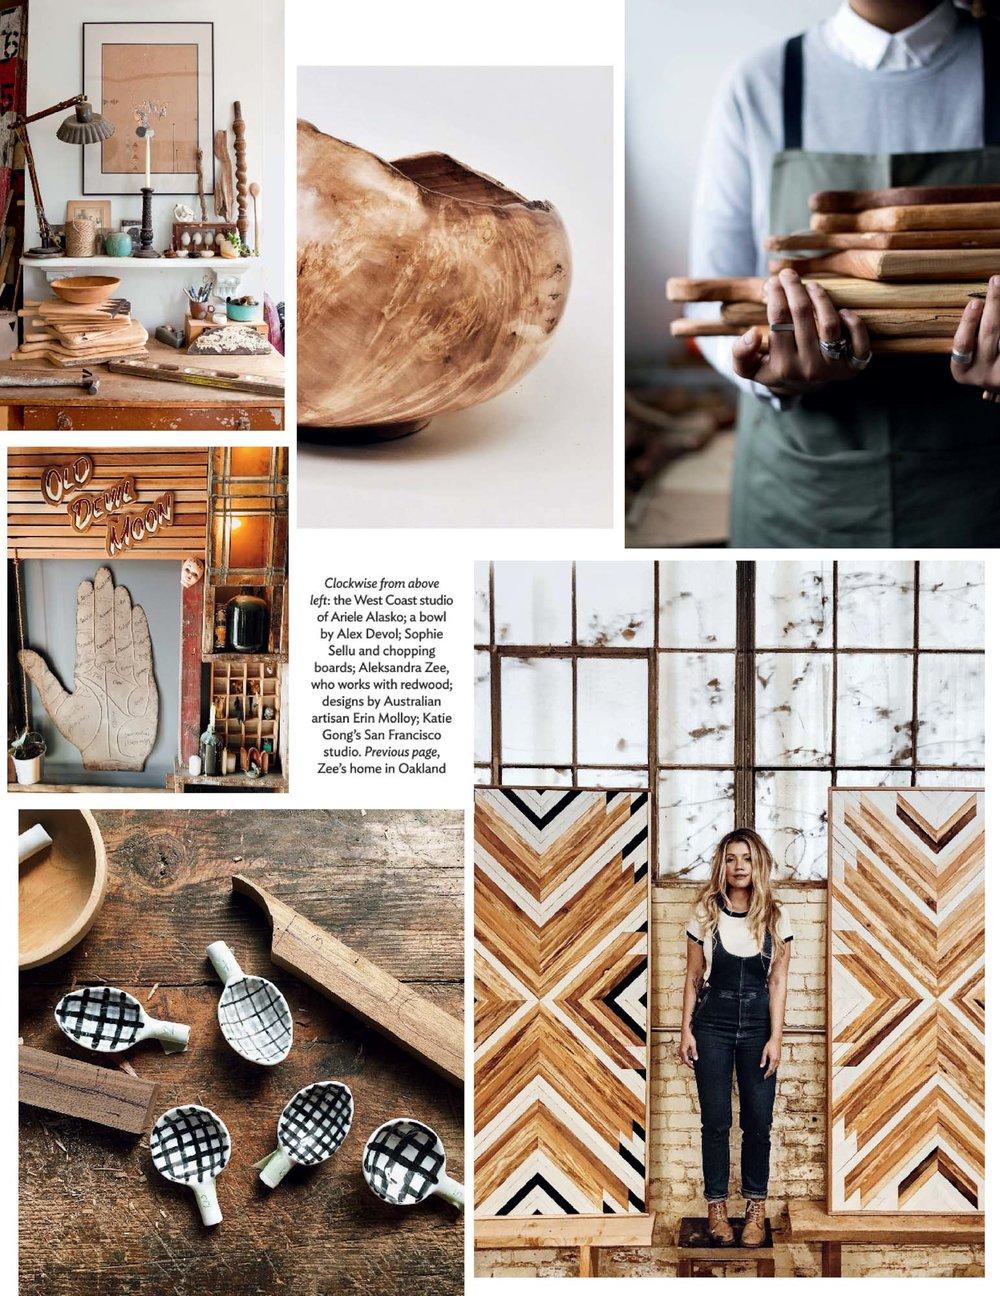 Erin+melbourne,+Melbourne+woodwork+design+for+Conde+Nast+Traveller+woodworker-1.jpg